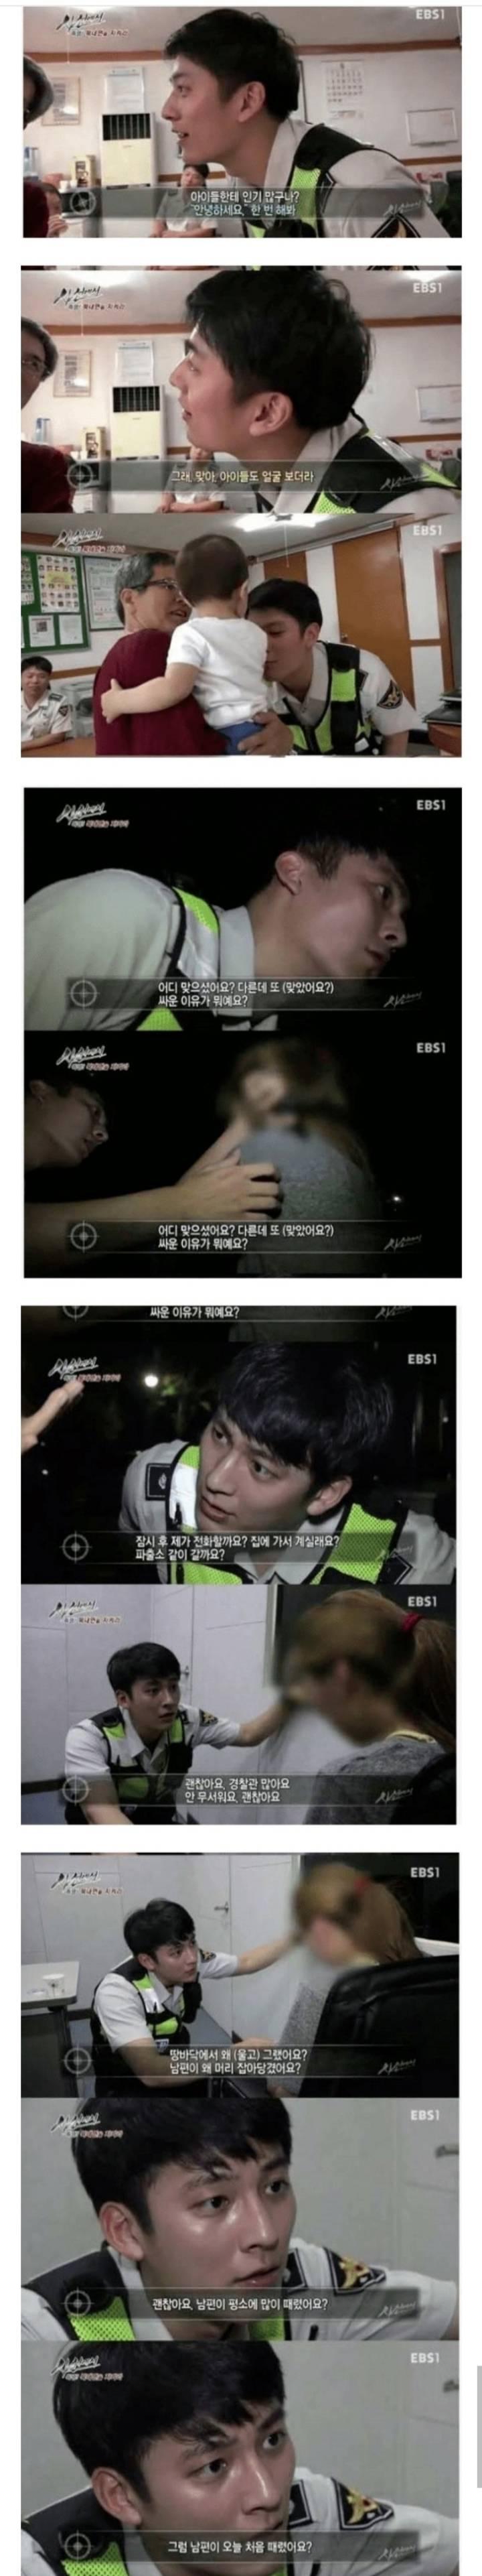 대한민국 경찰 역사상 가장 잘생겼다고 평가받는 인물 | 인스티즈